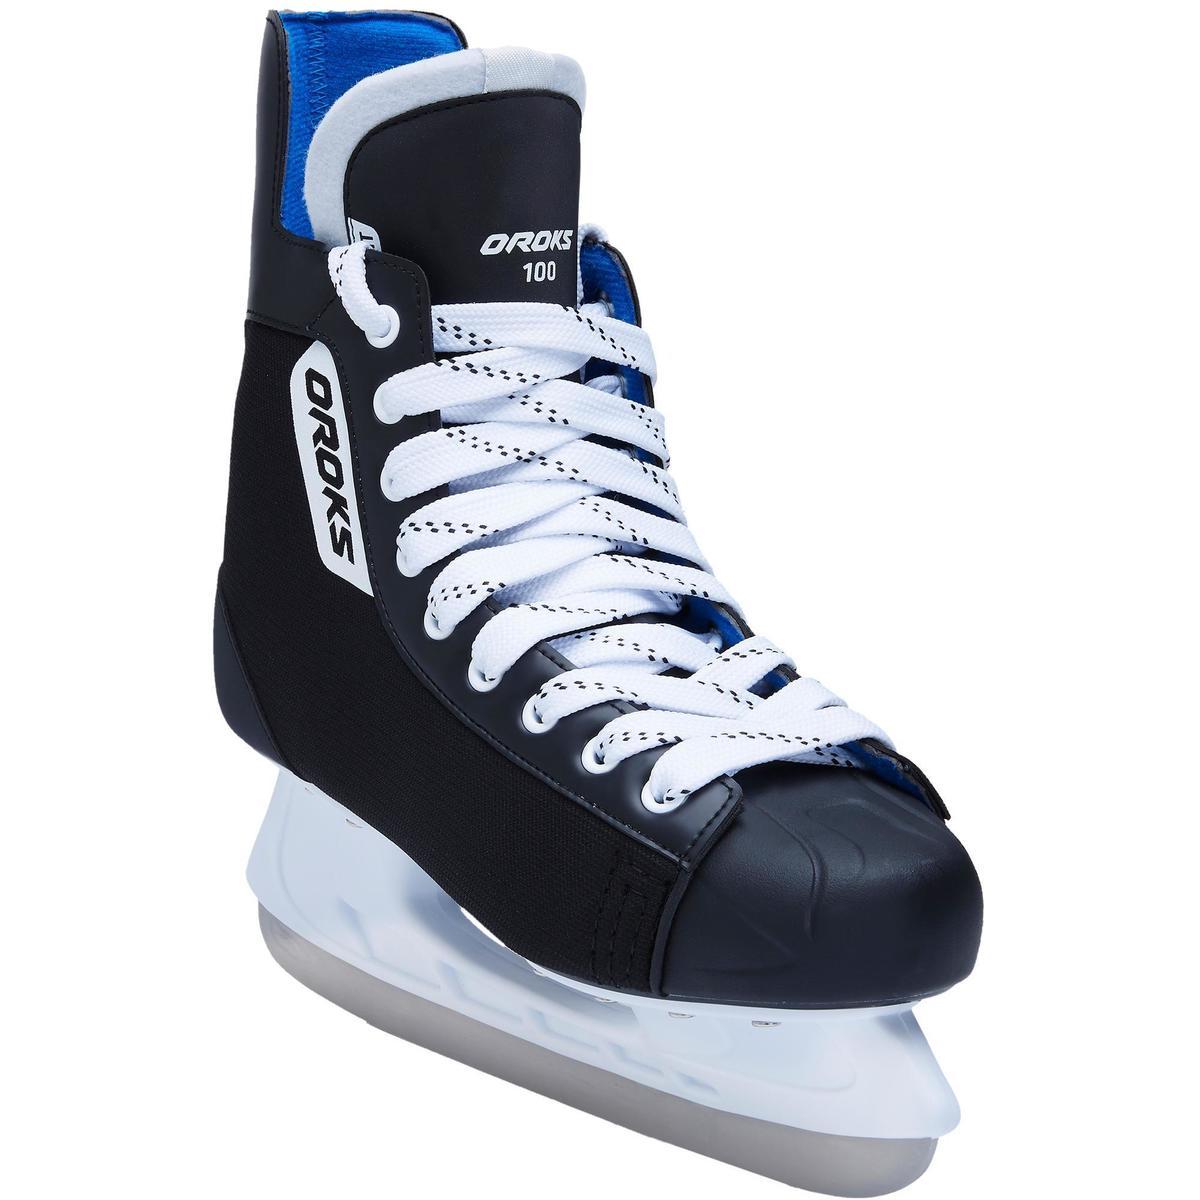 Bild 1 von Eishockey-Schlittschuhe IHS 100 SR